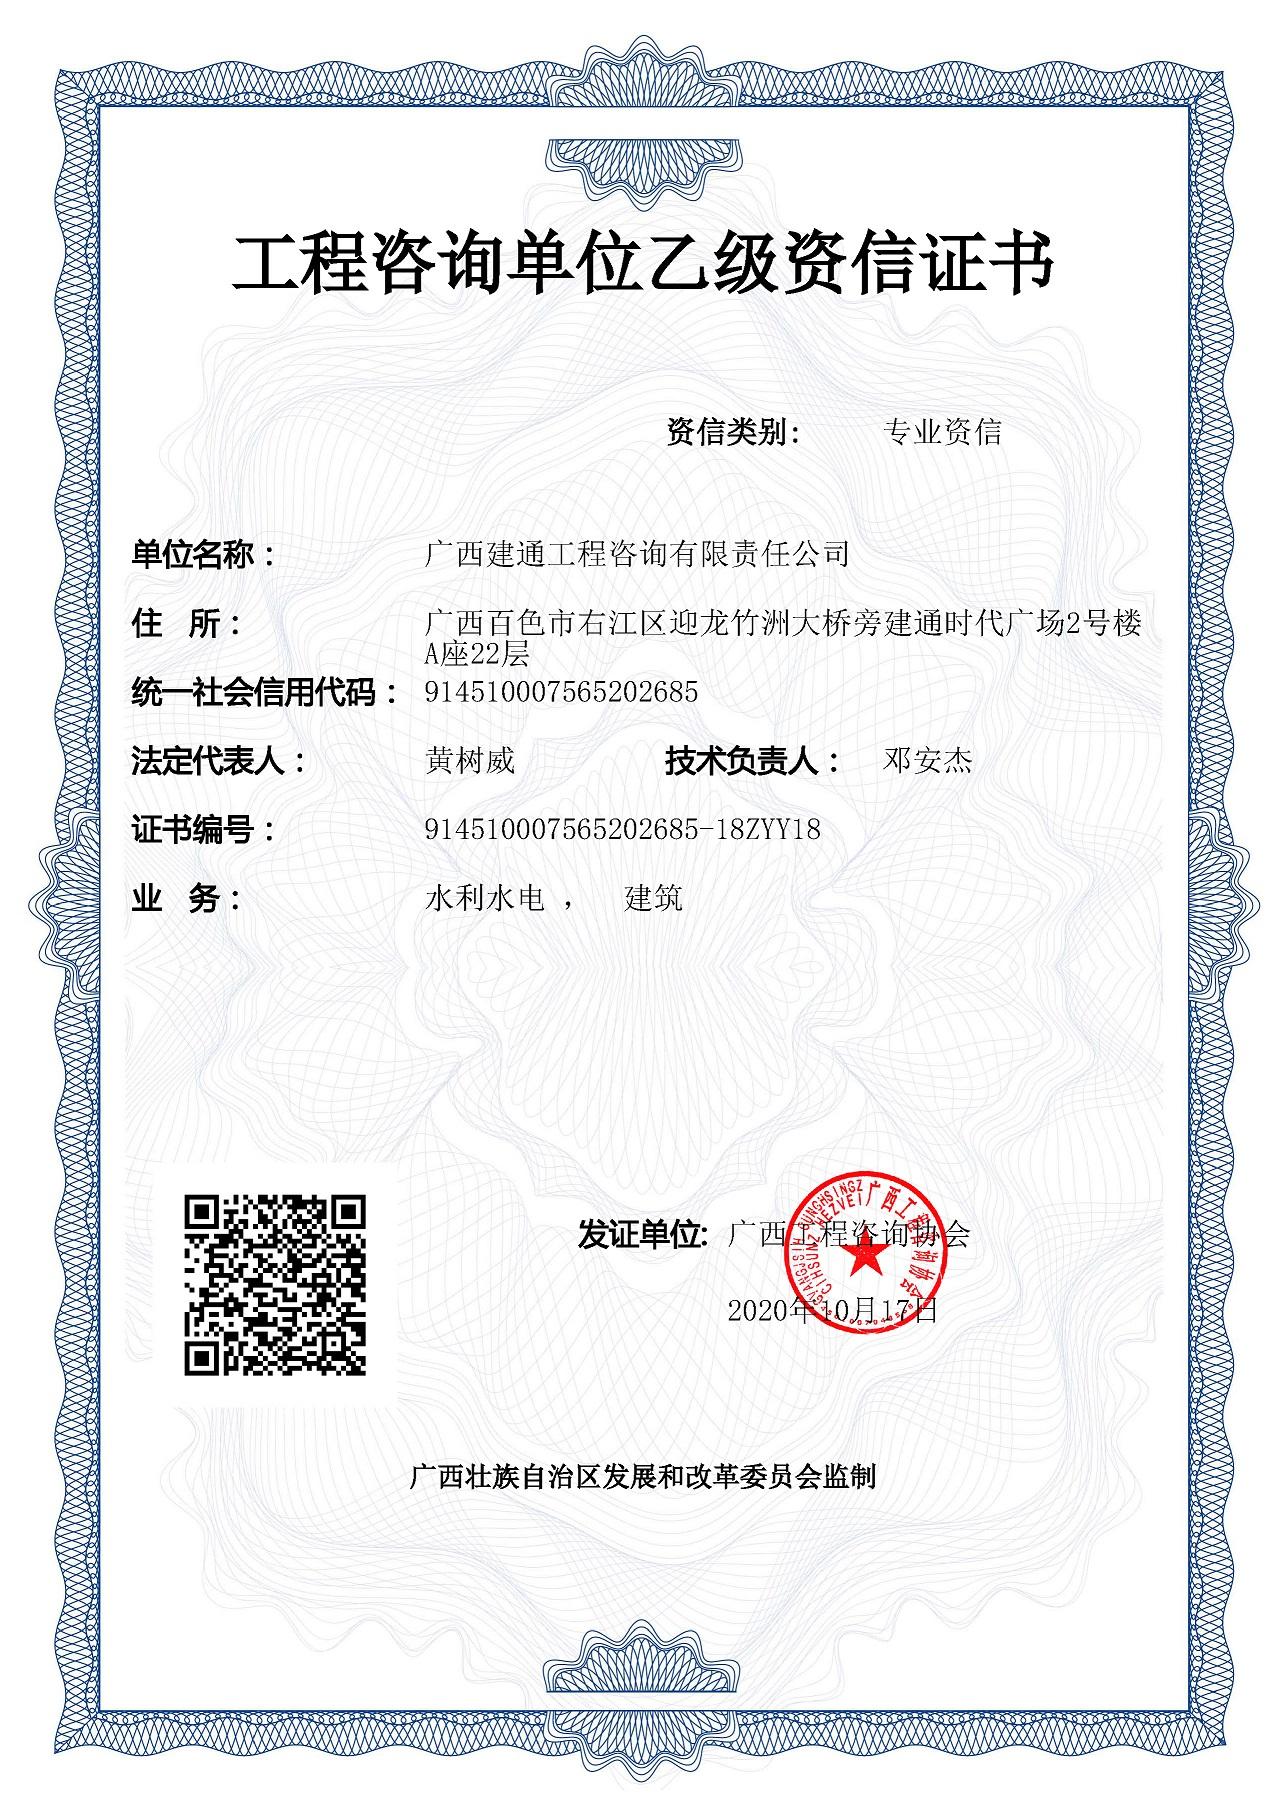 工程咨询单位水利水电乙级资信证书(正本).jpg